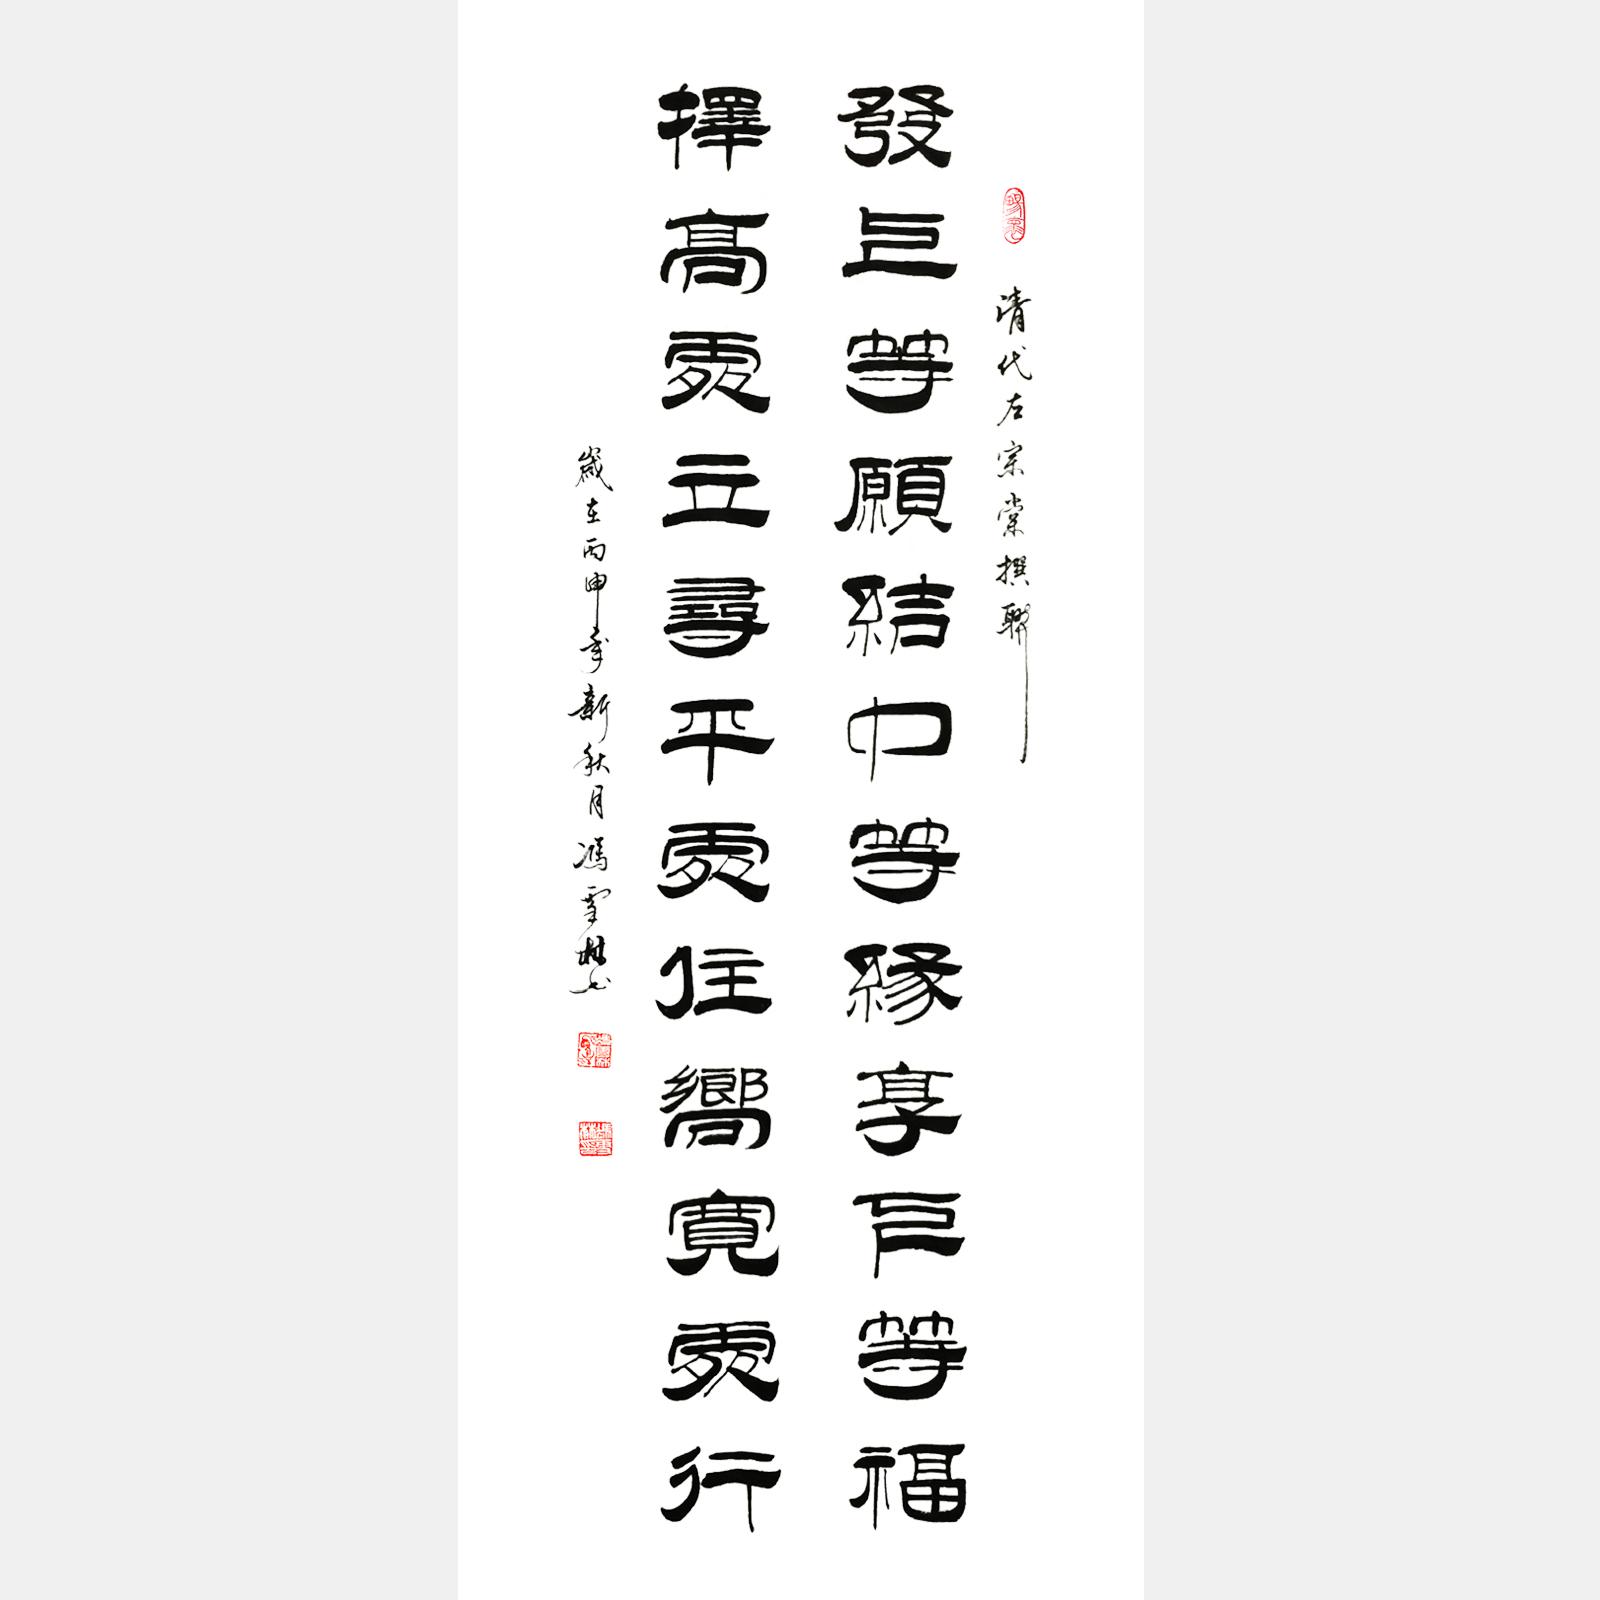 清代重臣左宗棠题江苏无锡梅园书法作品 梅园左宗棠对联 对联条幅 李嘉诚办公室字画同款